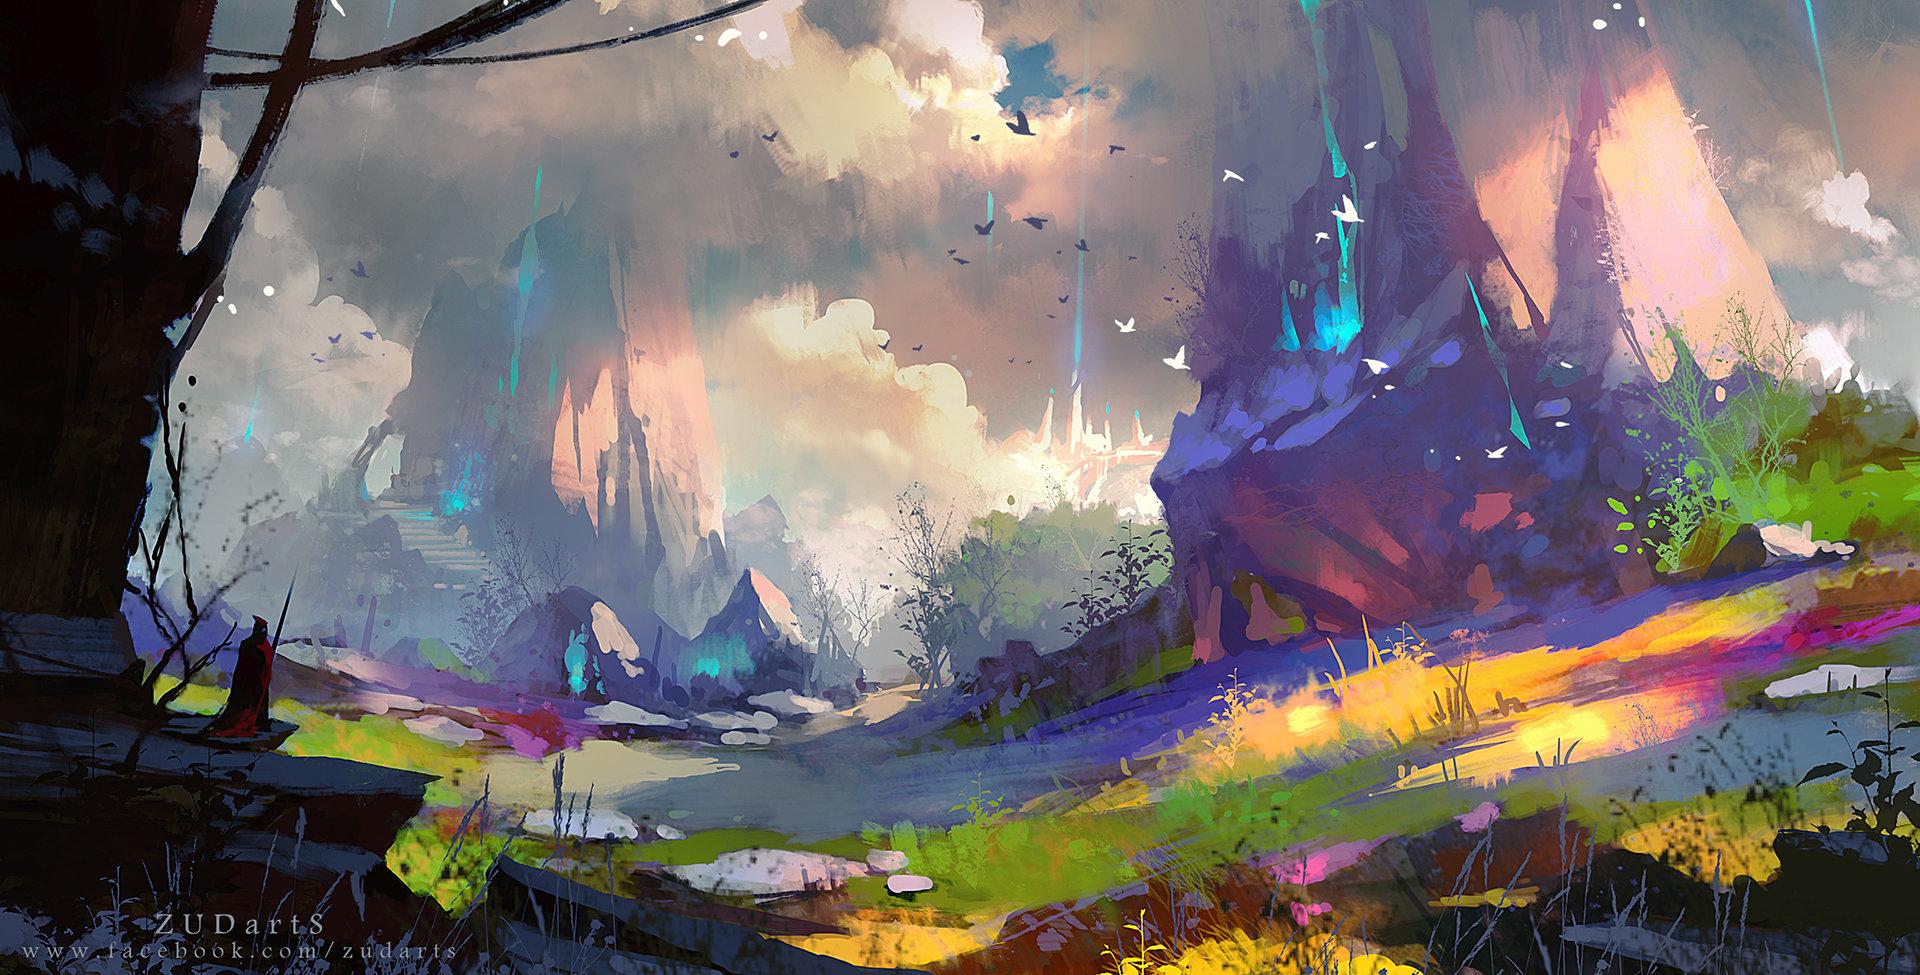 ArtStation - unknown world, Lee zudARTs